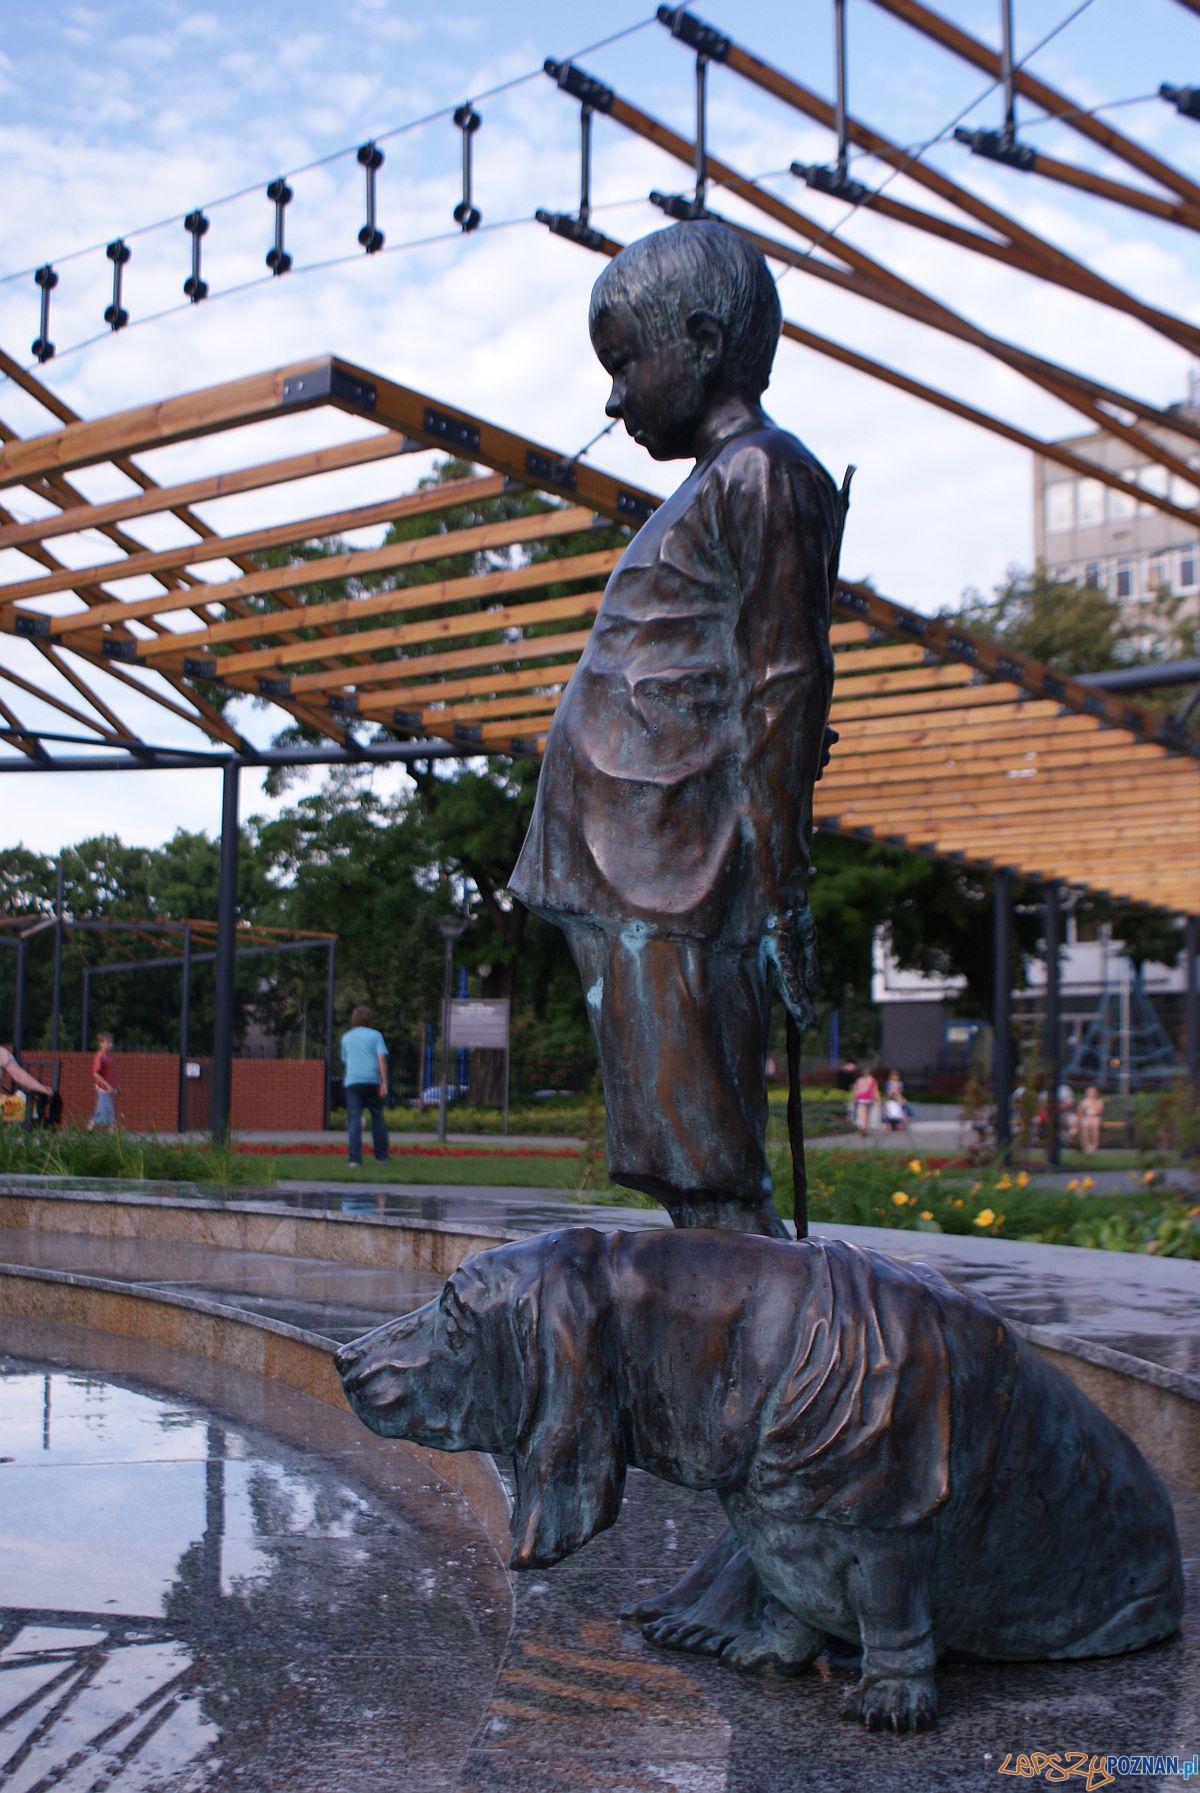 Rzeźba w fontannie w Zielonych Ogródkach  Foto: http://www.park-m.pl